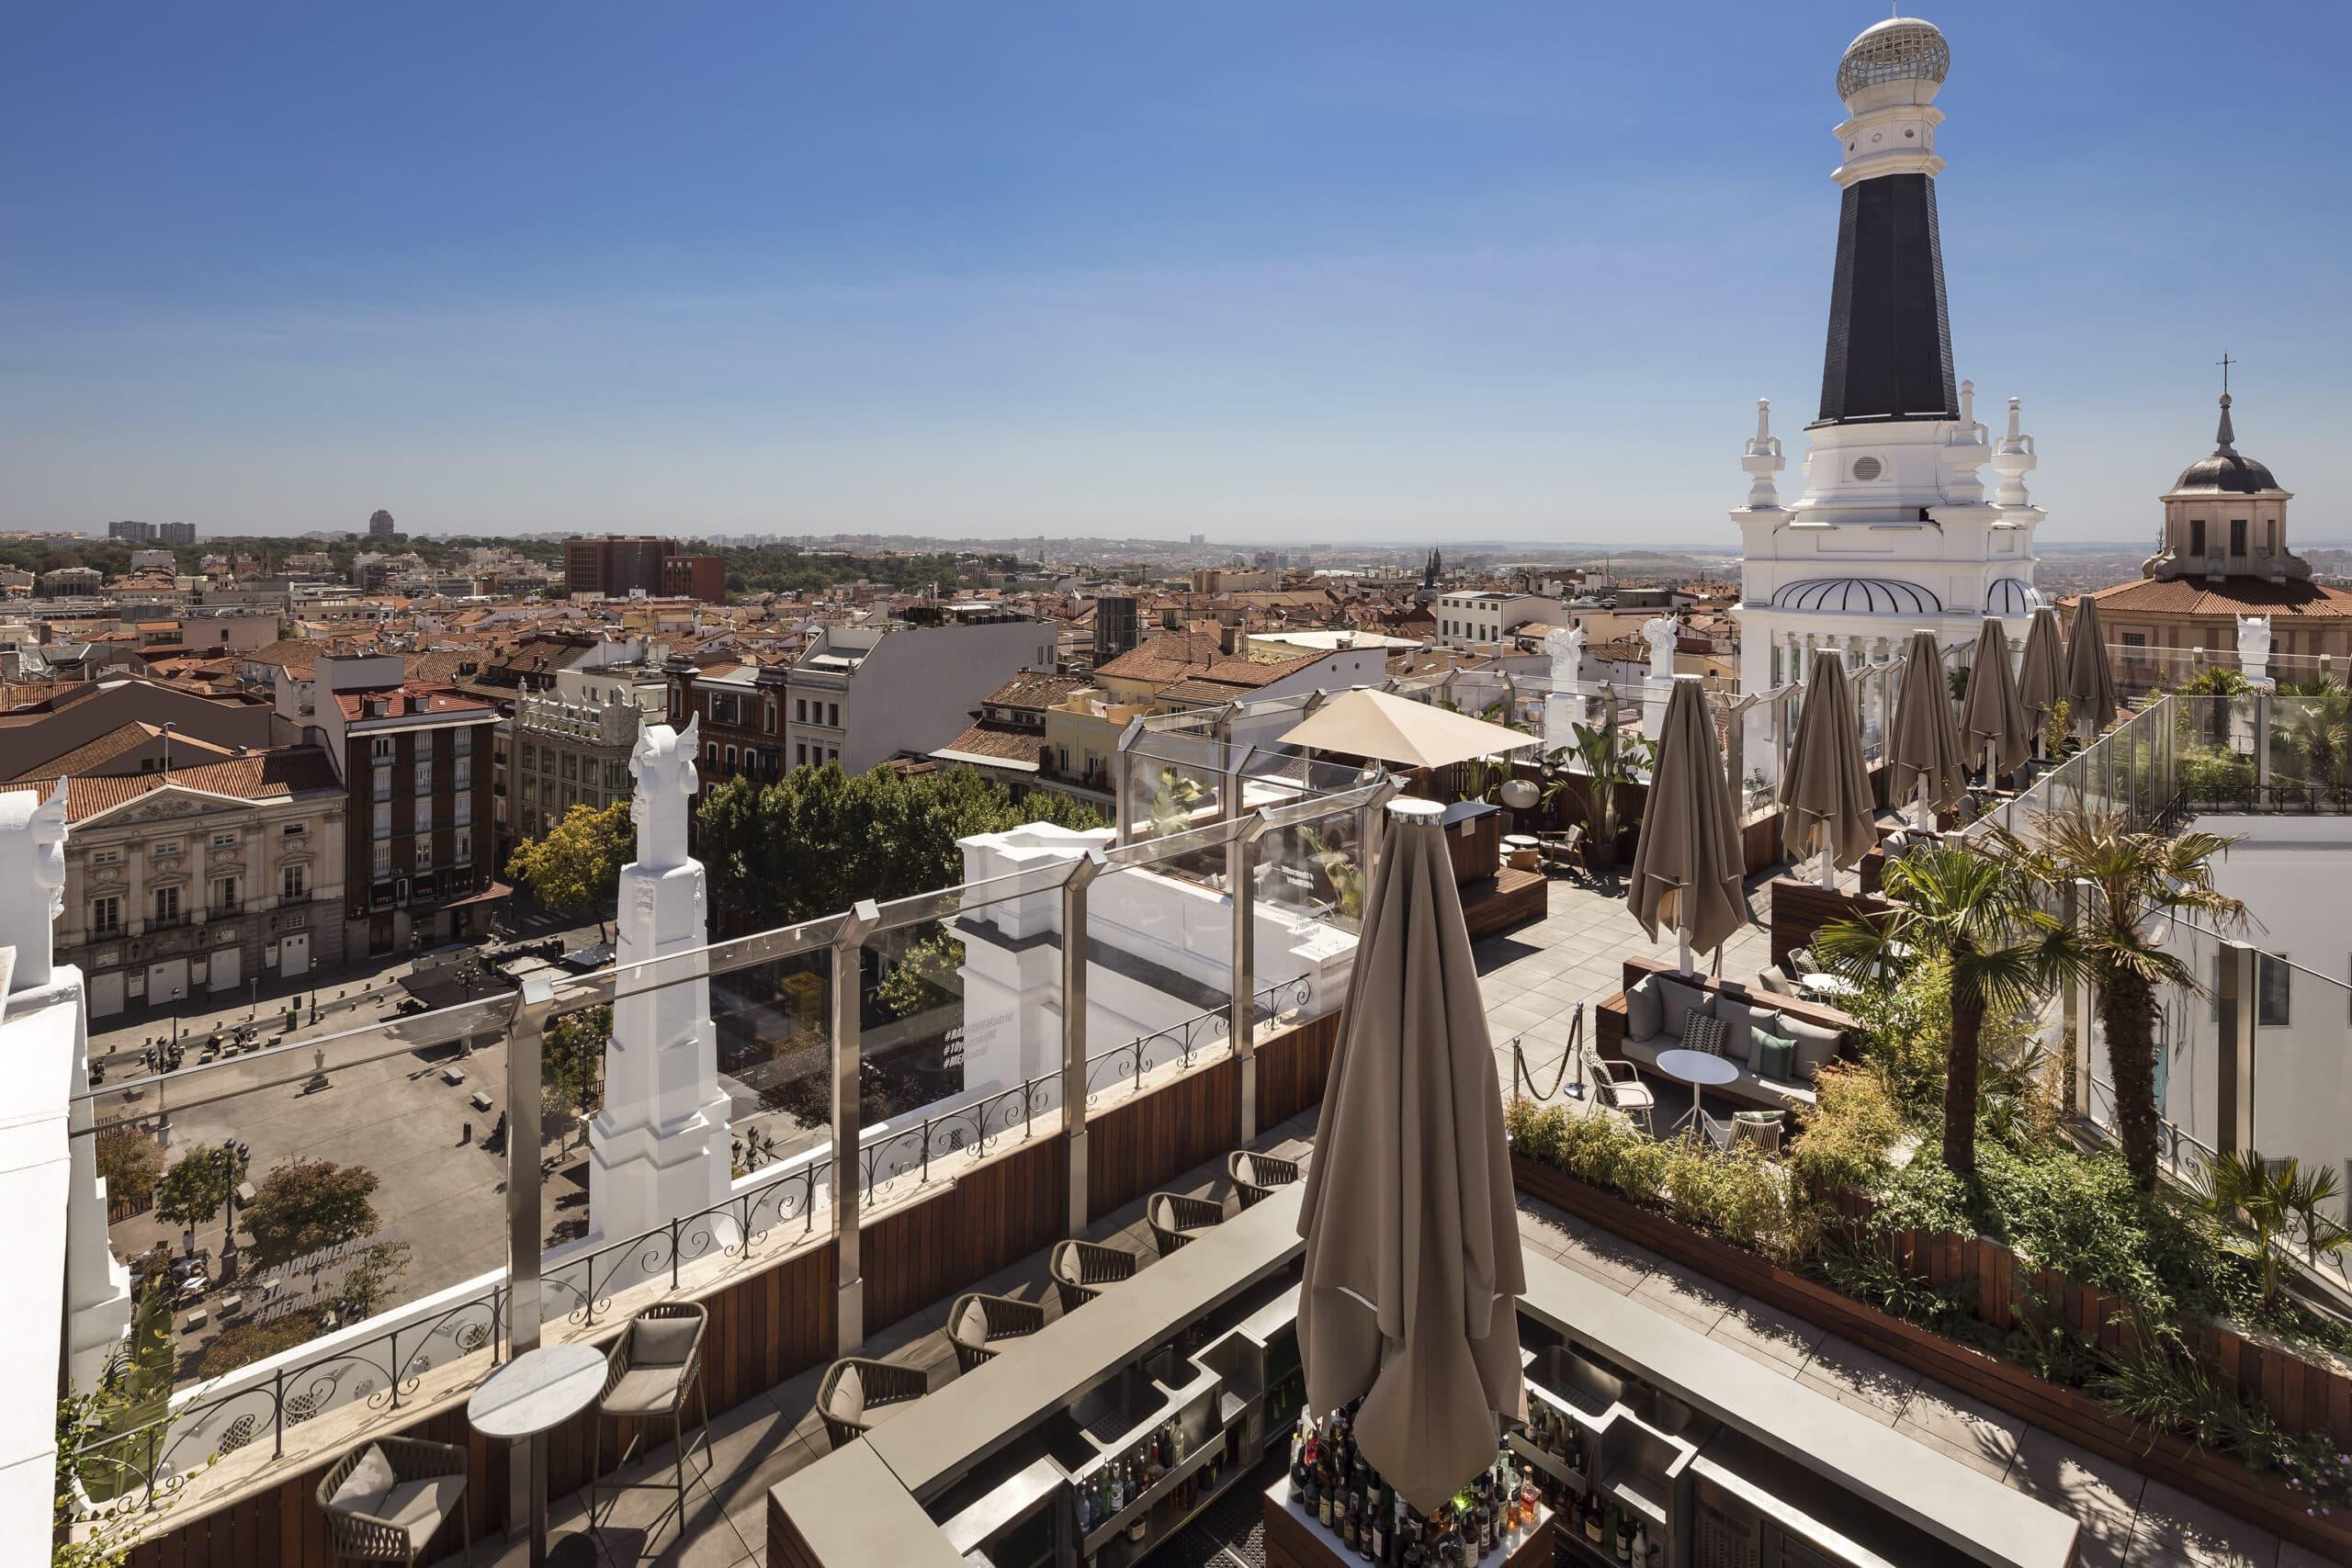 Hotelbreak ofrece los mejores planes en hoteles emblemáticos de Madrid